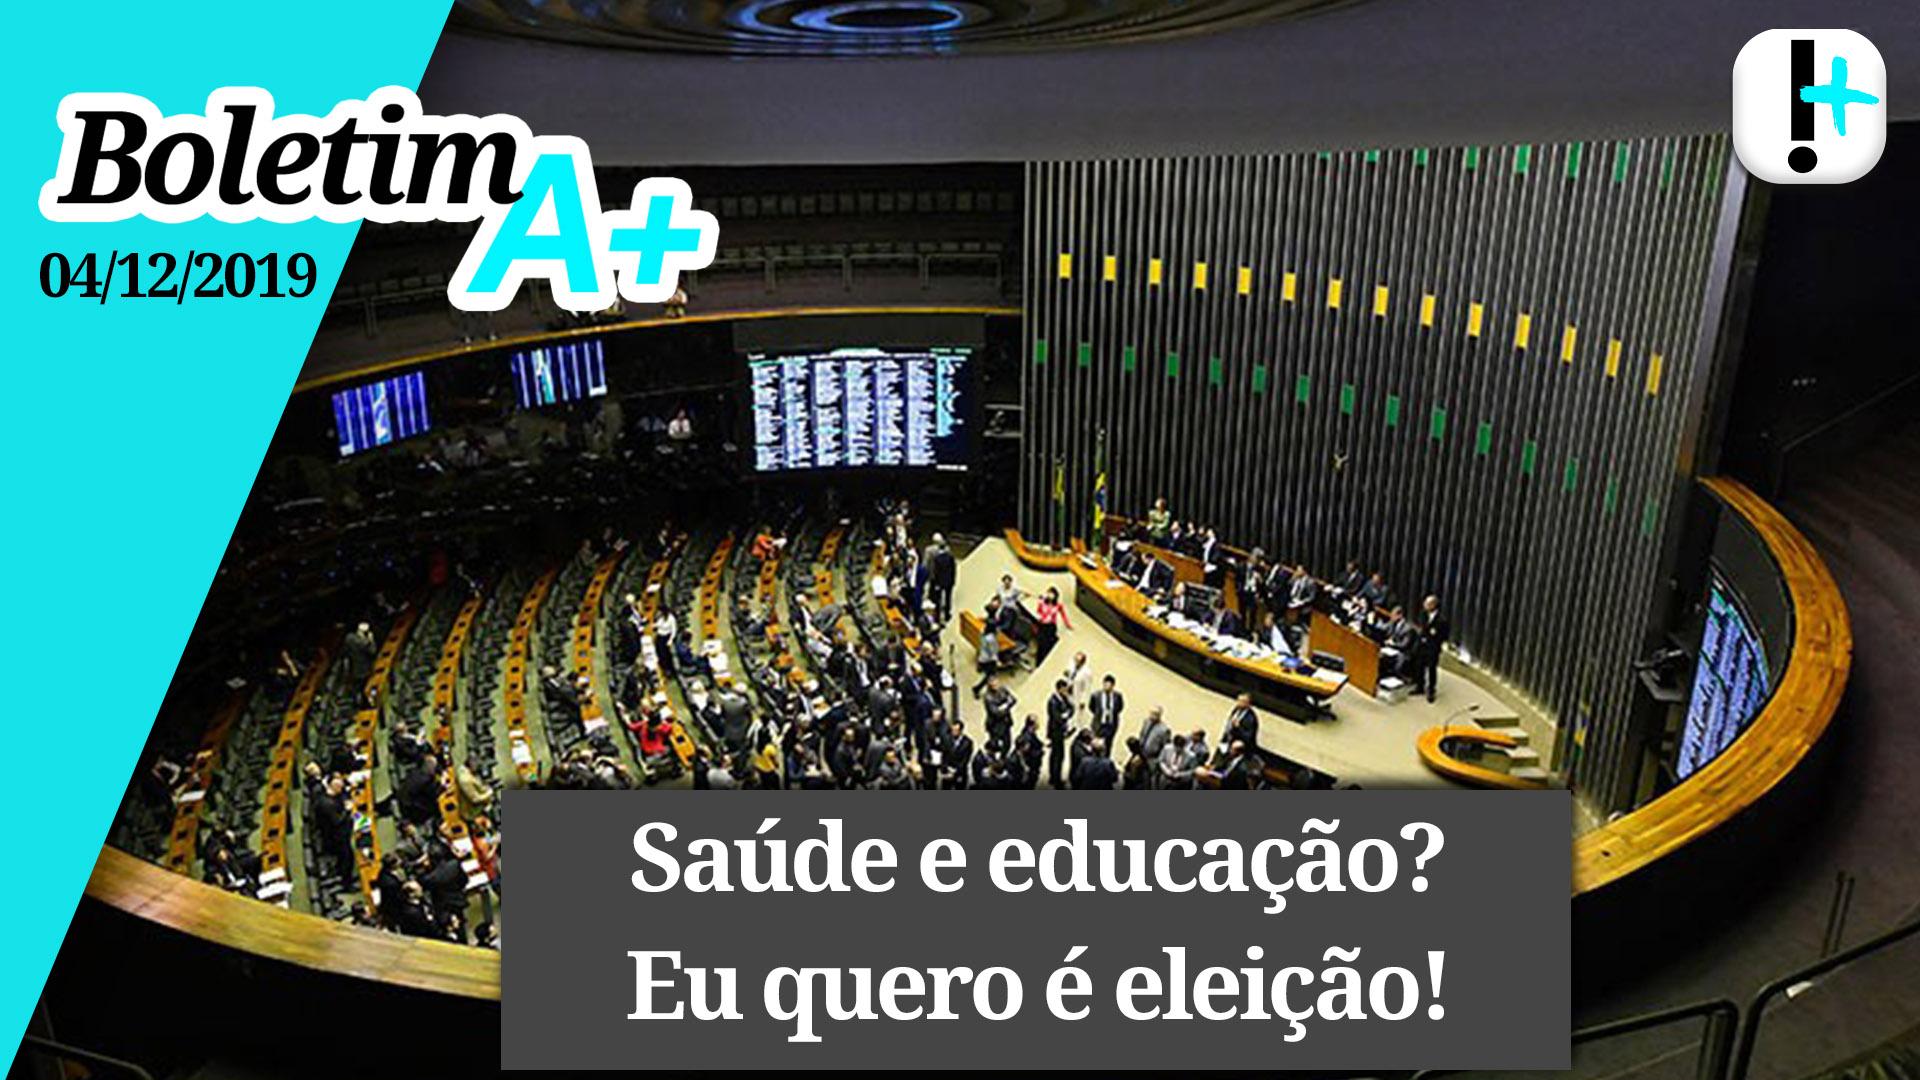 Boletim A+: saúde e educação? Eu quero eleição!